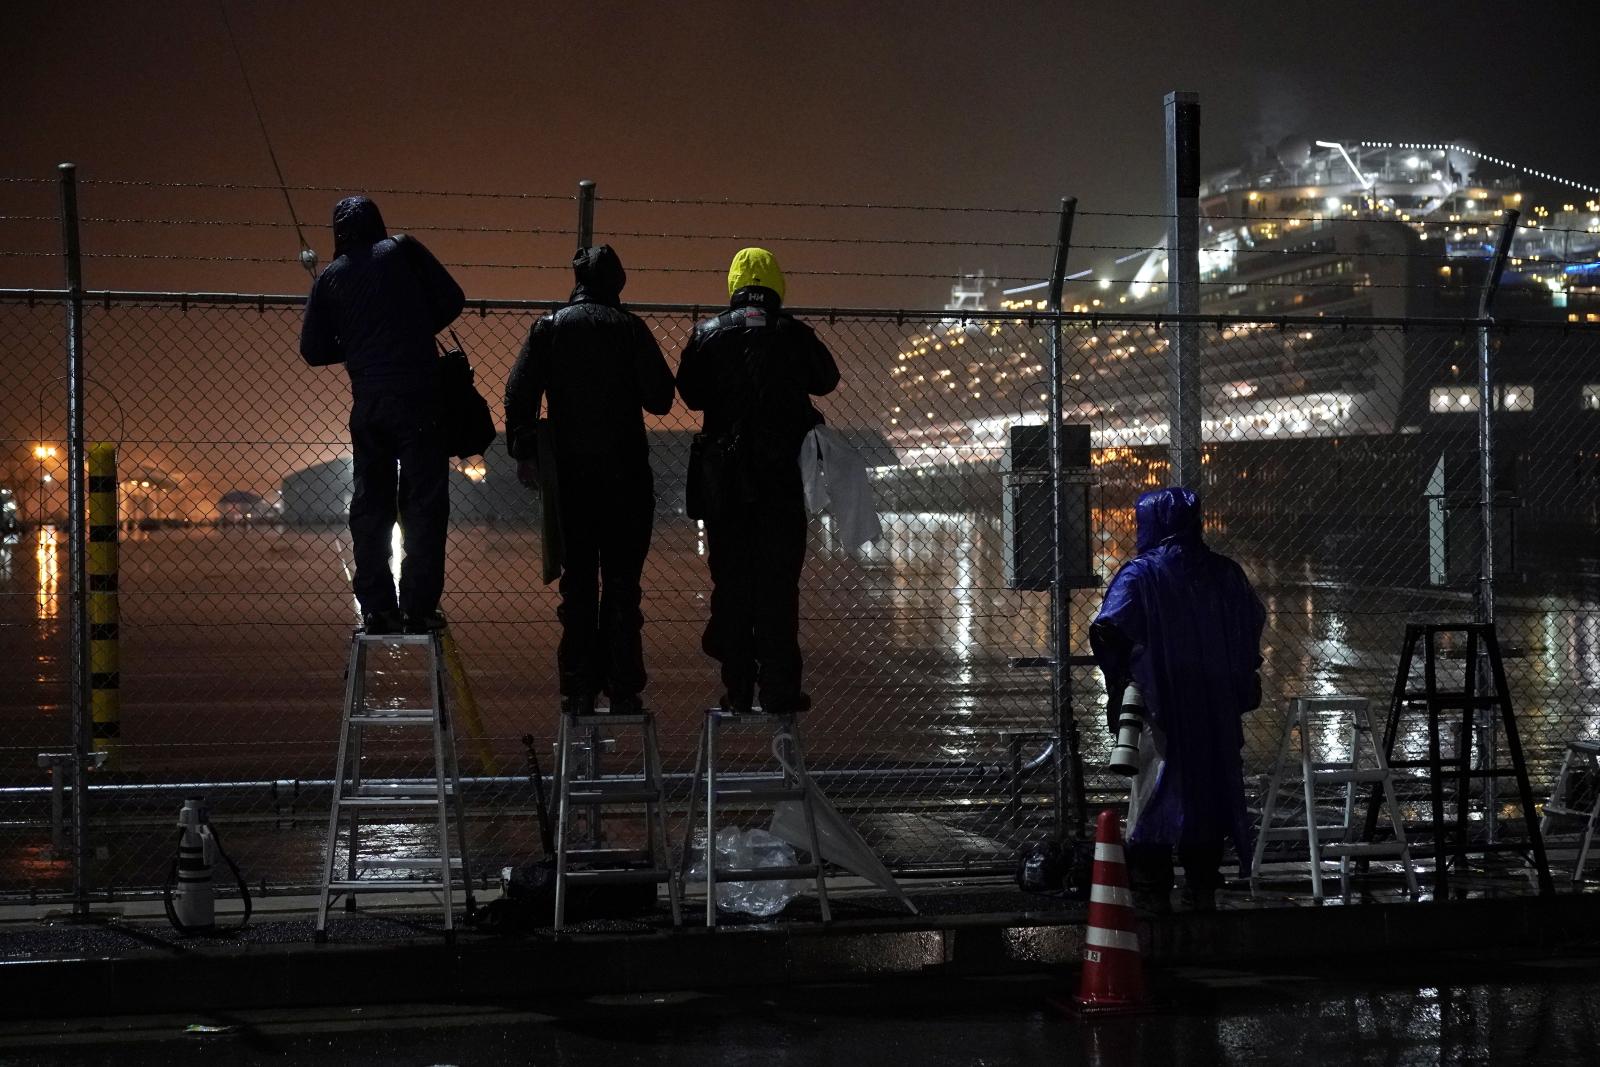 Reporterzy czekają na odjazd autobusów przewożących około 400 obywateli USA w celu repatriacji z terminalu statków wycieczkowych na molo Daikoku w Jokohamie, na południe od Tokio. Fot. EPA/FRANCK ROBICHON